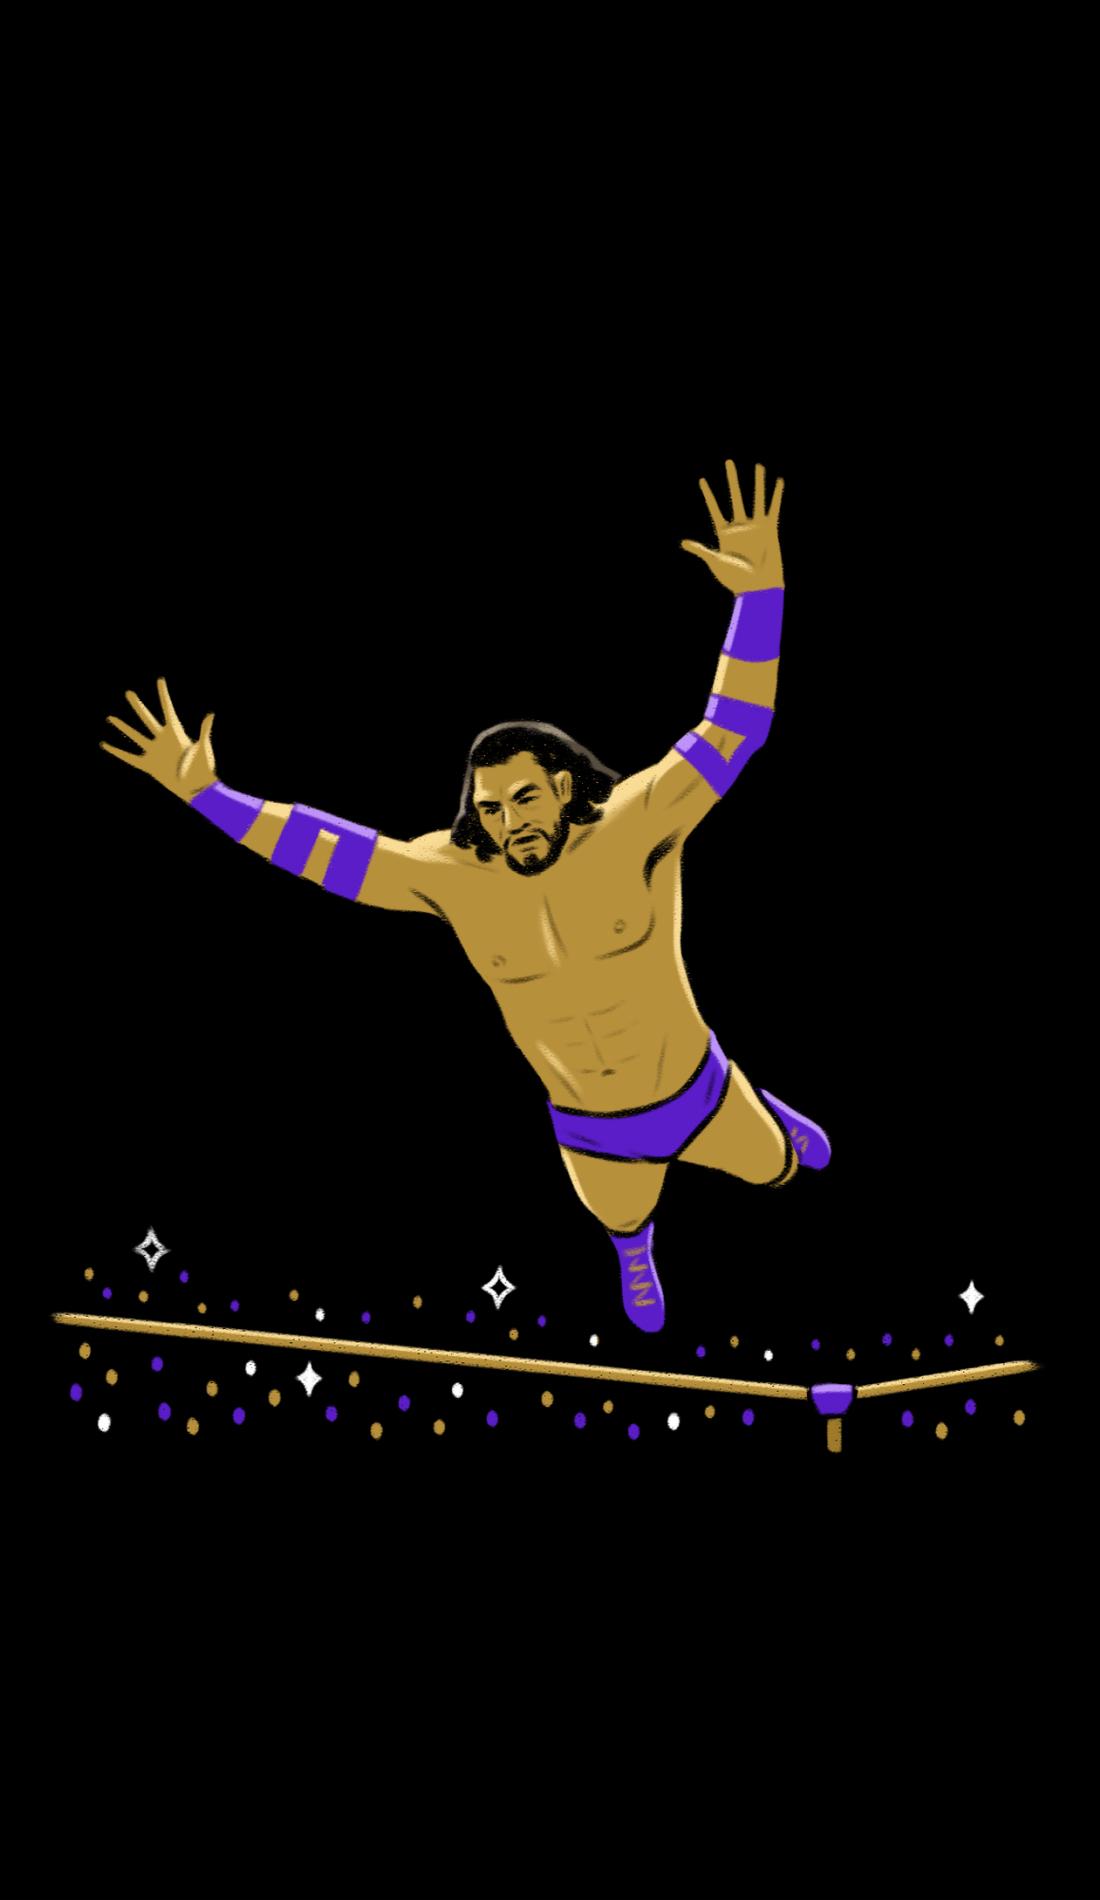 A NWA Wrestling live event